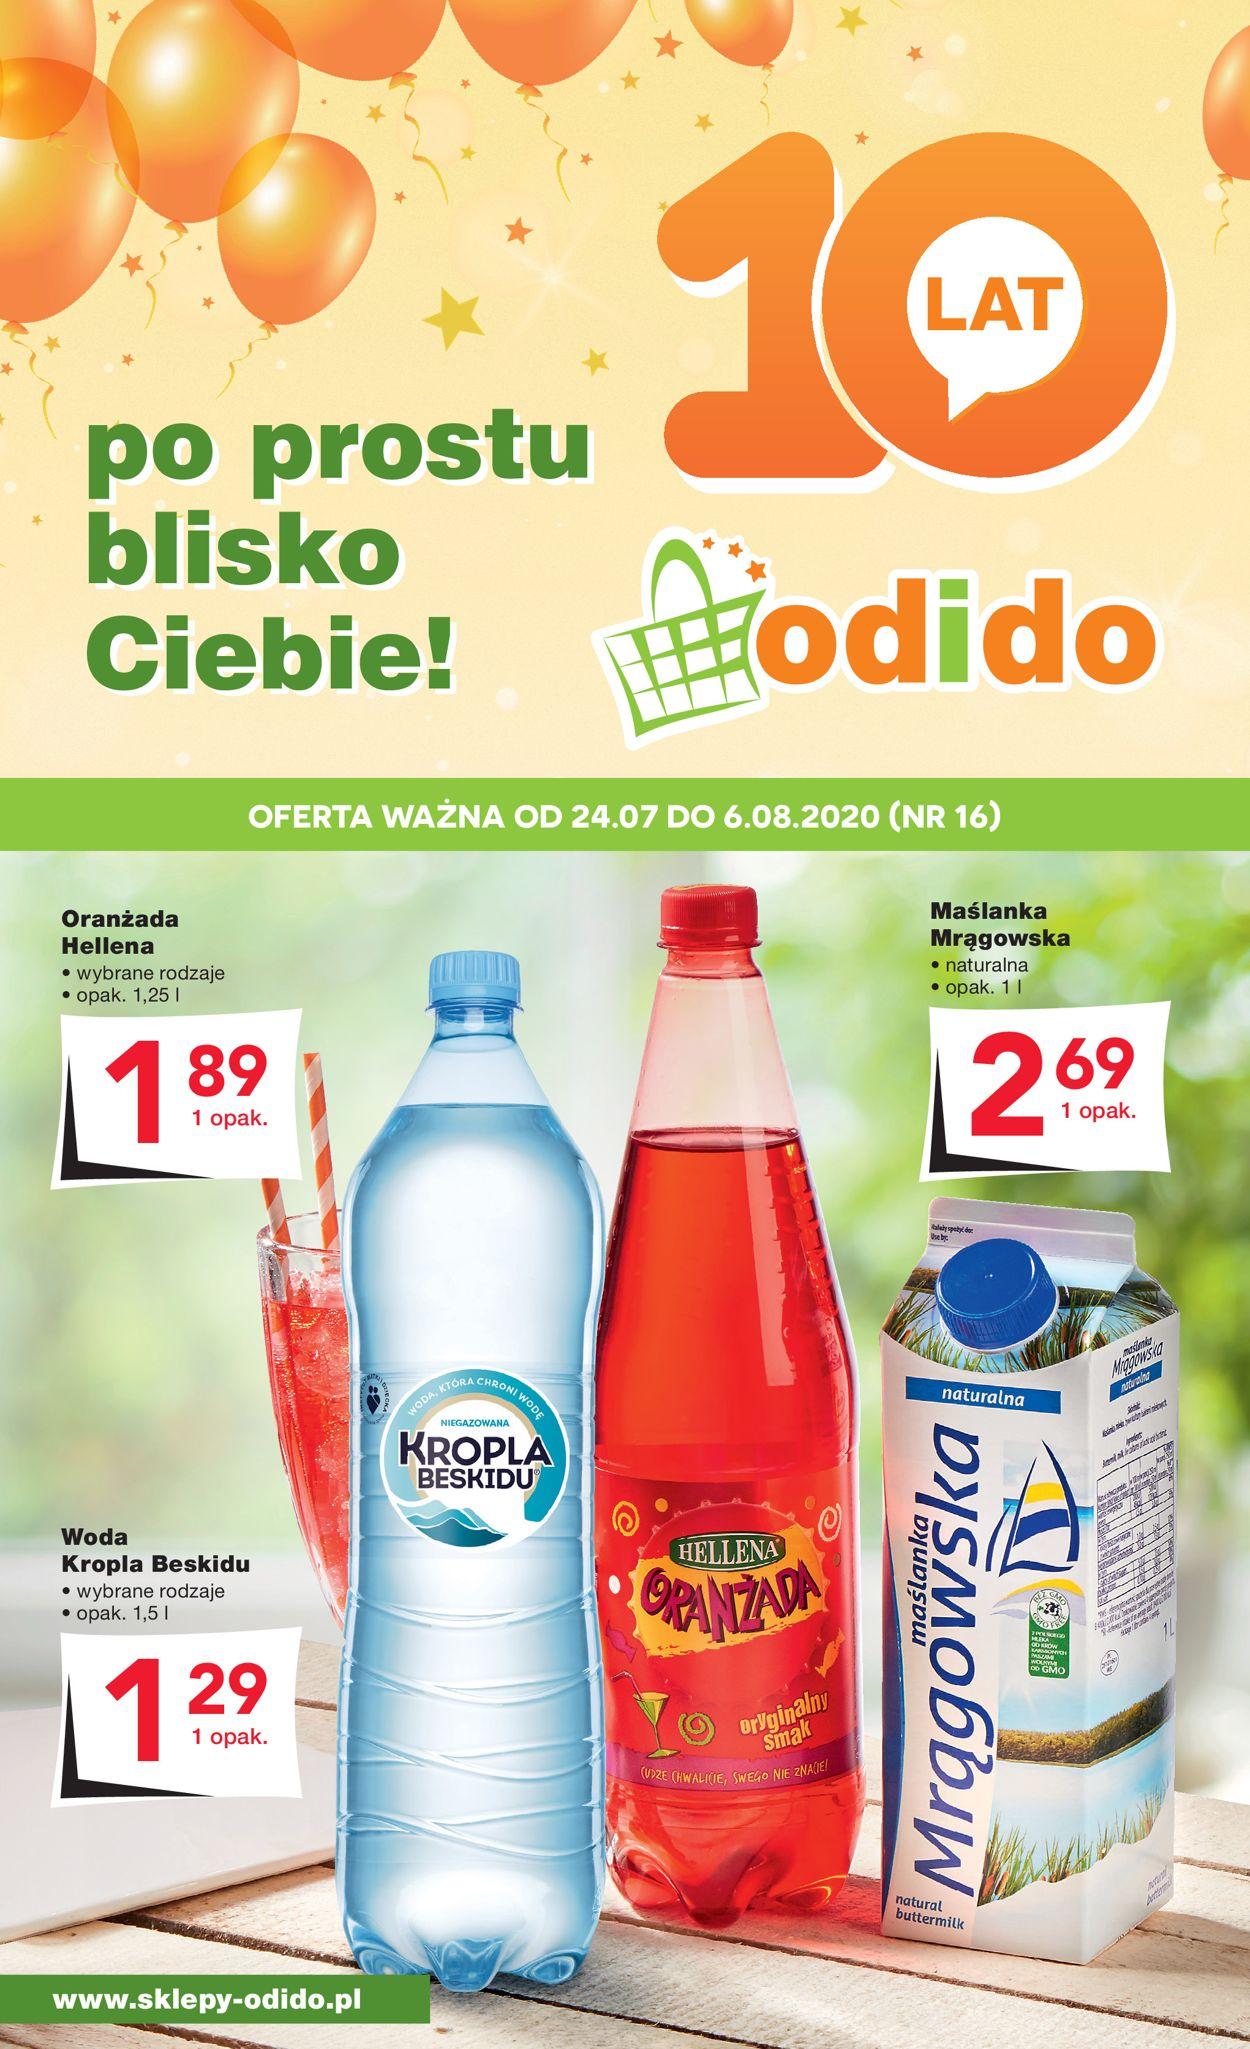 Gazetka promocyjna Odido - 24.07-06.08.2020